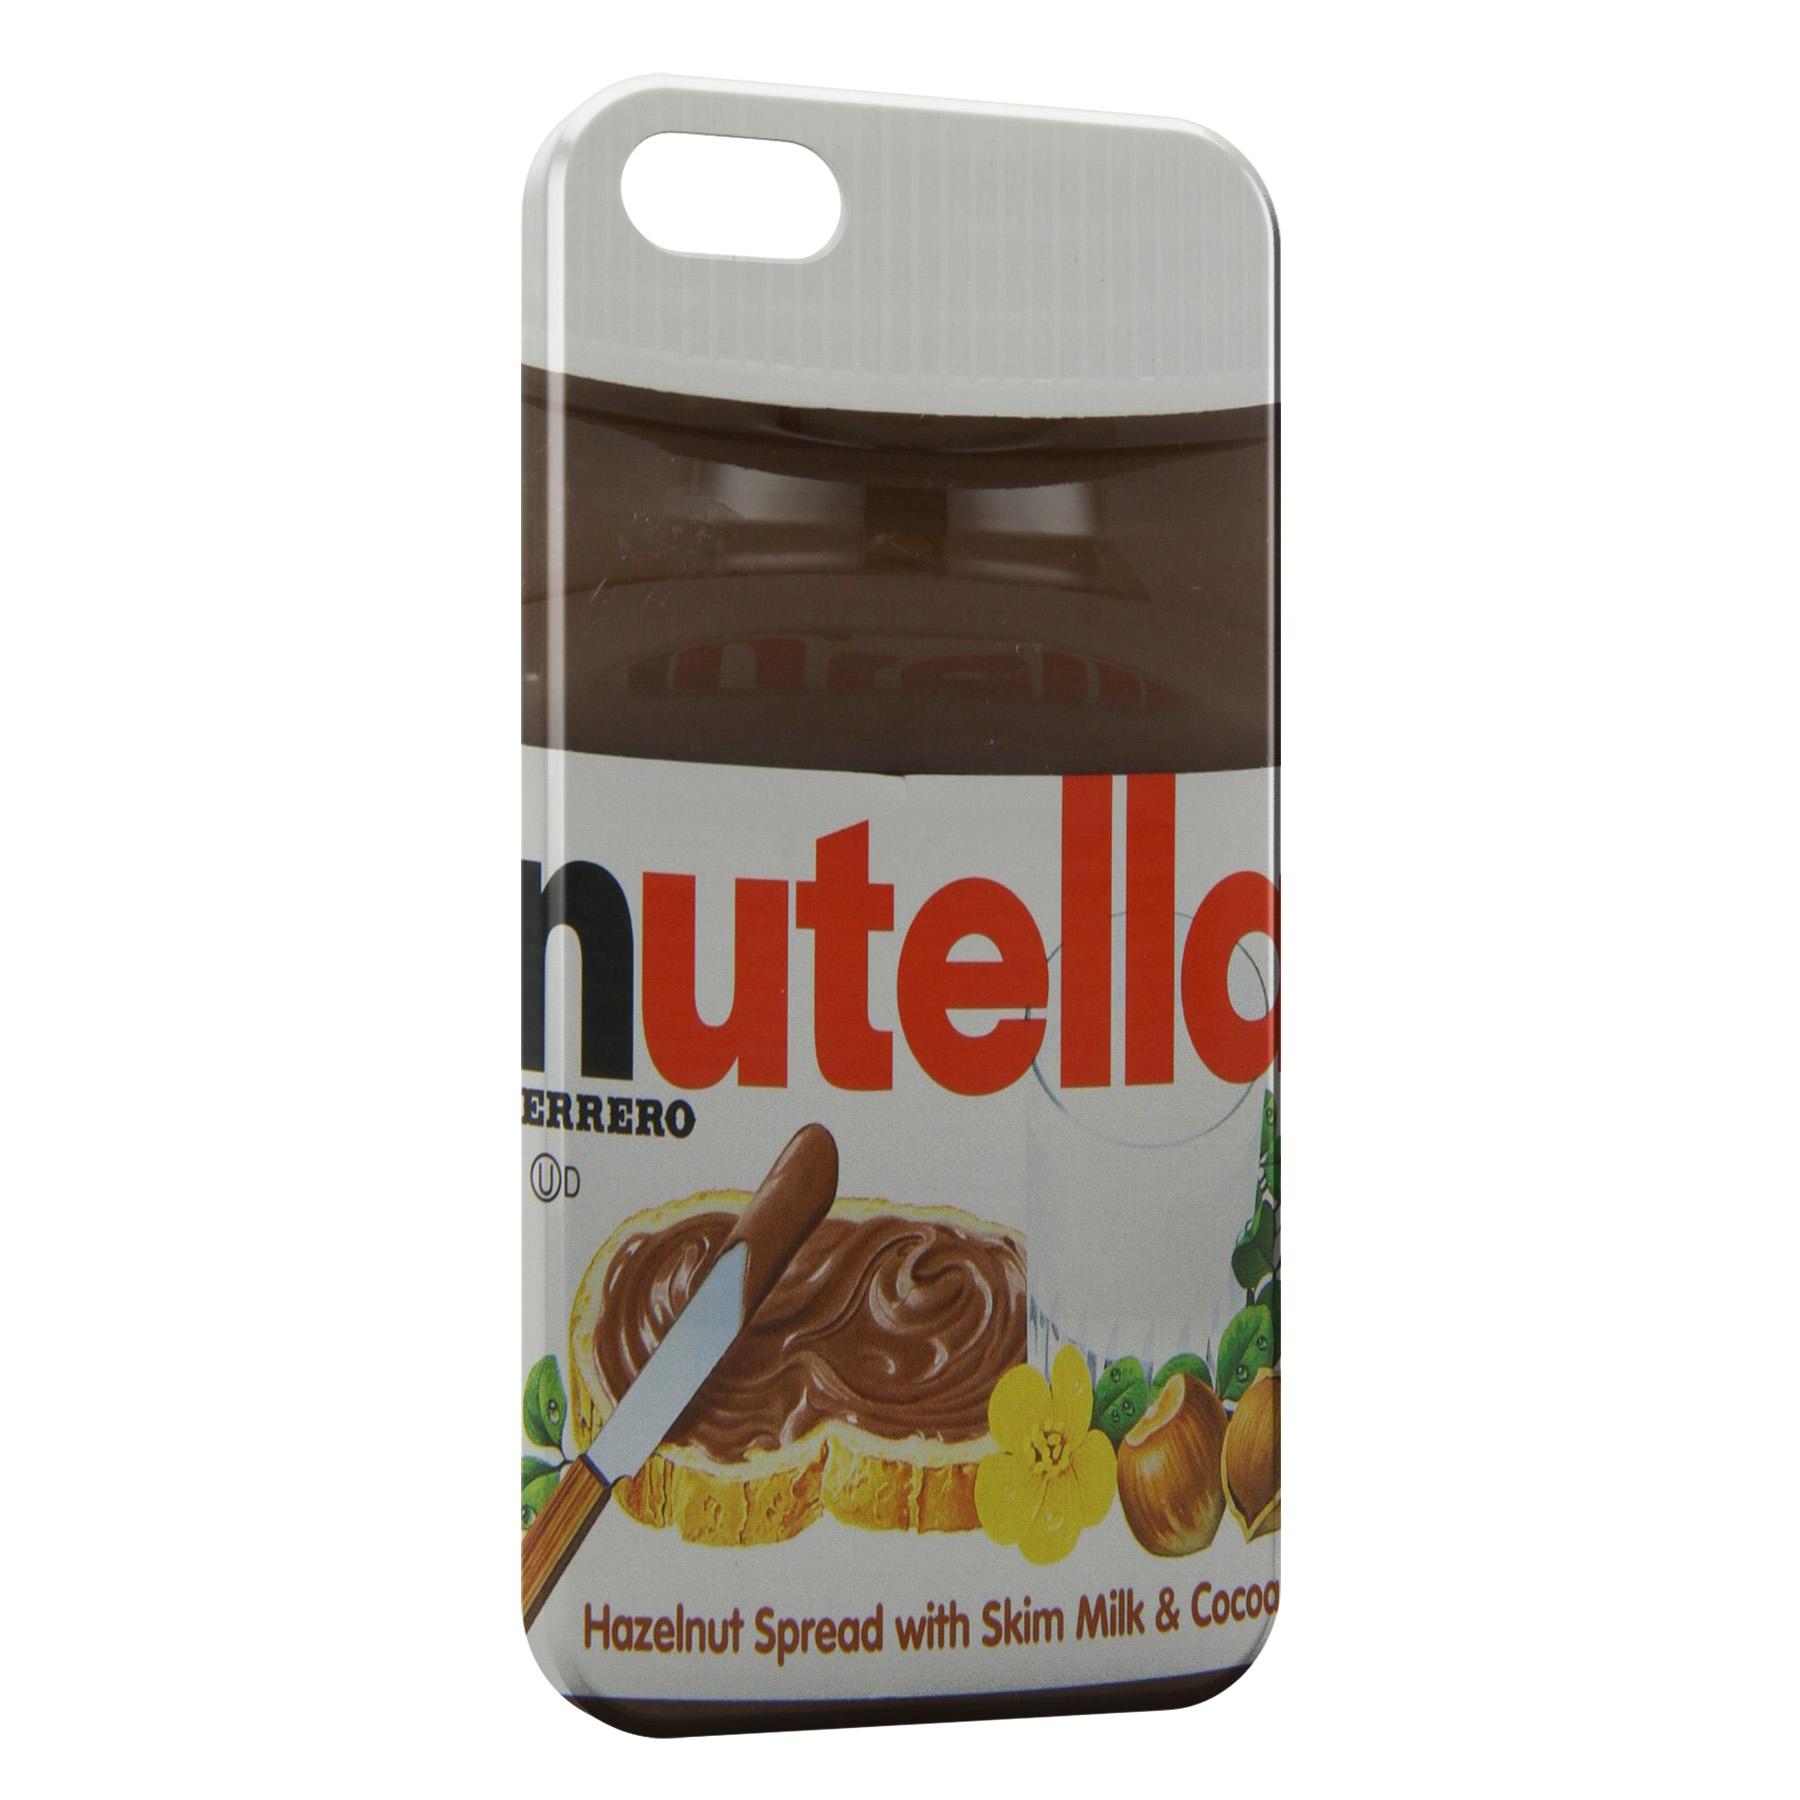 coque iphone 5 nutella 3d